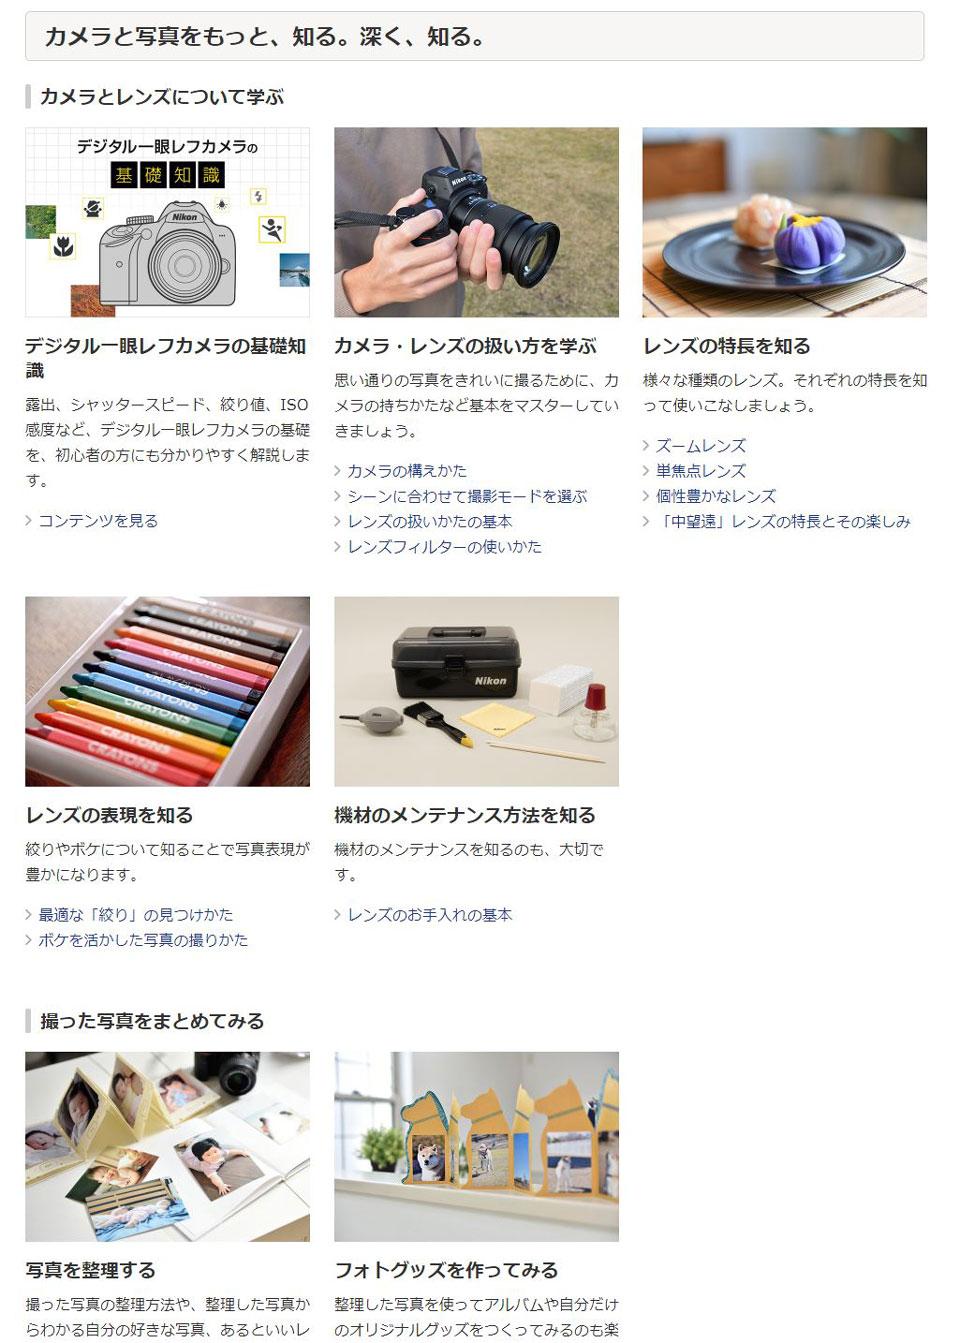 自宅にいても「お家でEnjoyニコン!」からカメラやレンズに関する知識を学べる